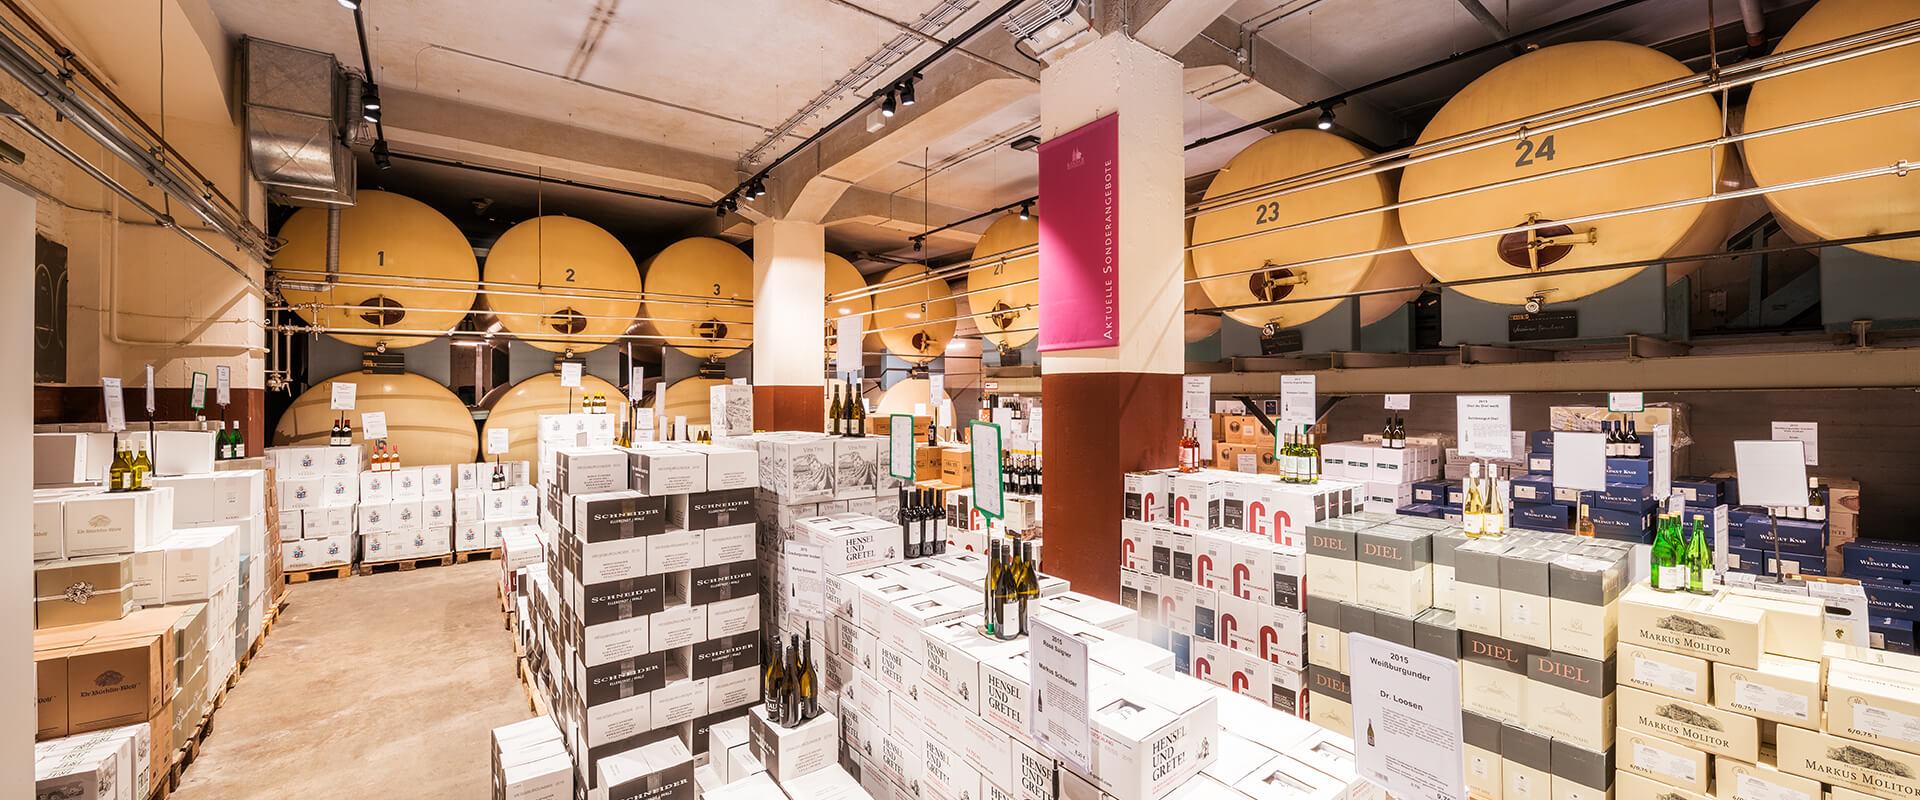 Kölner Weinkeller Köln